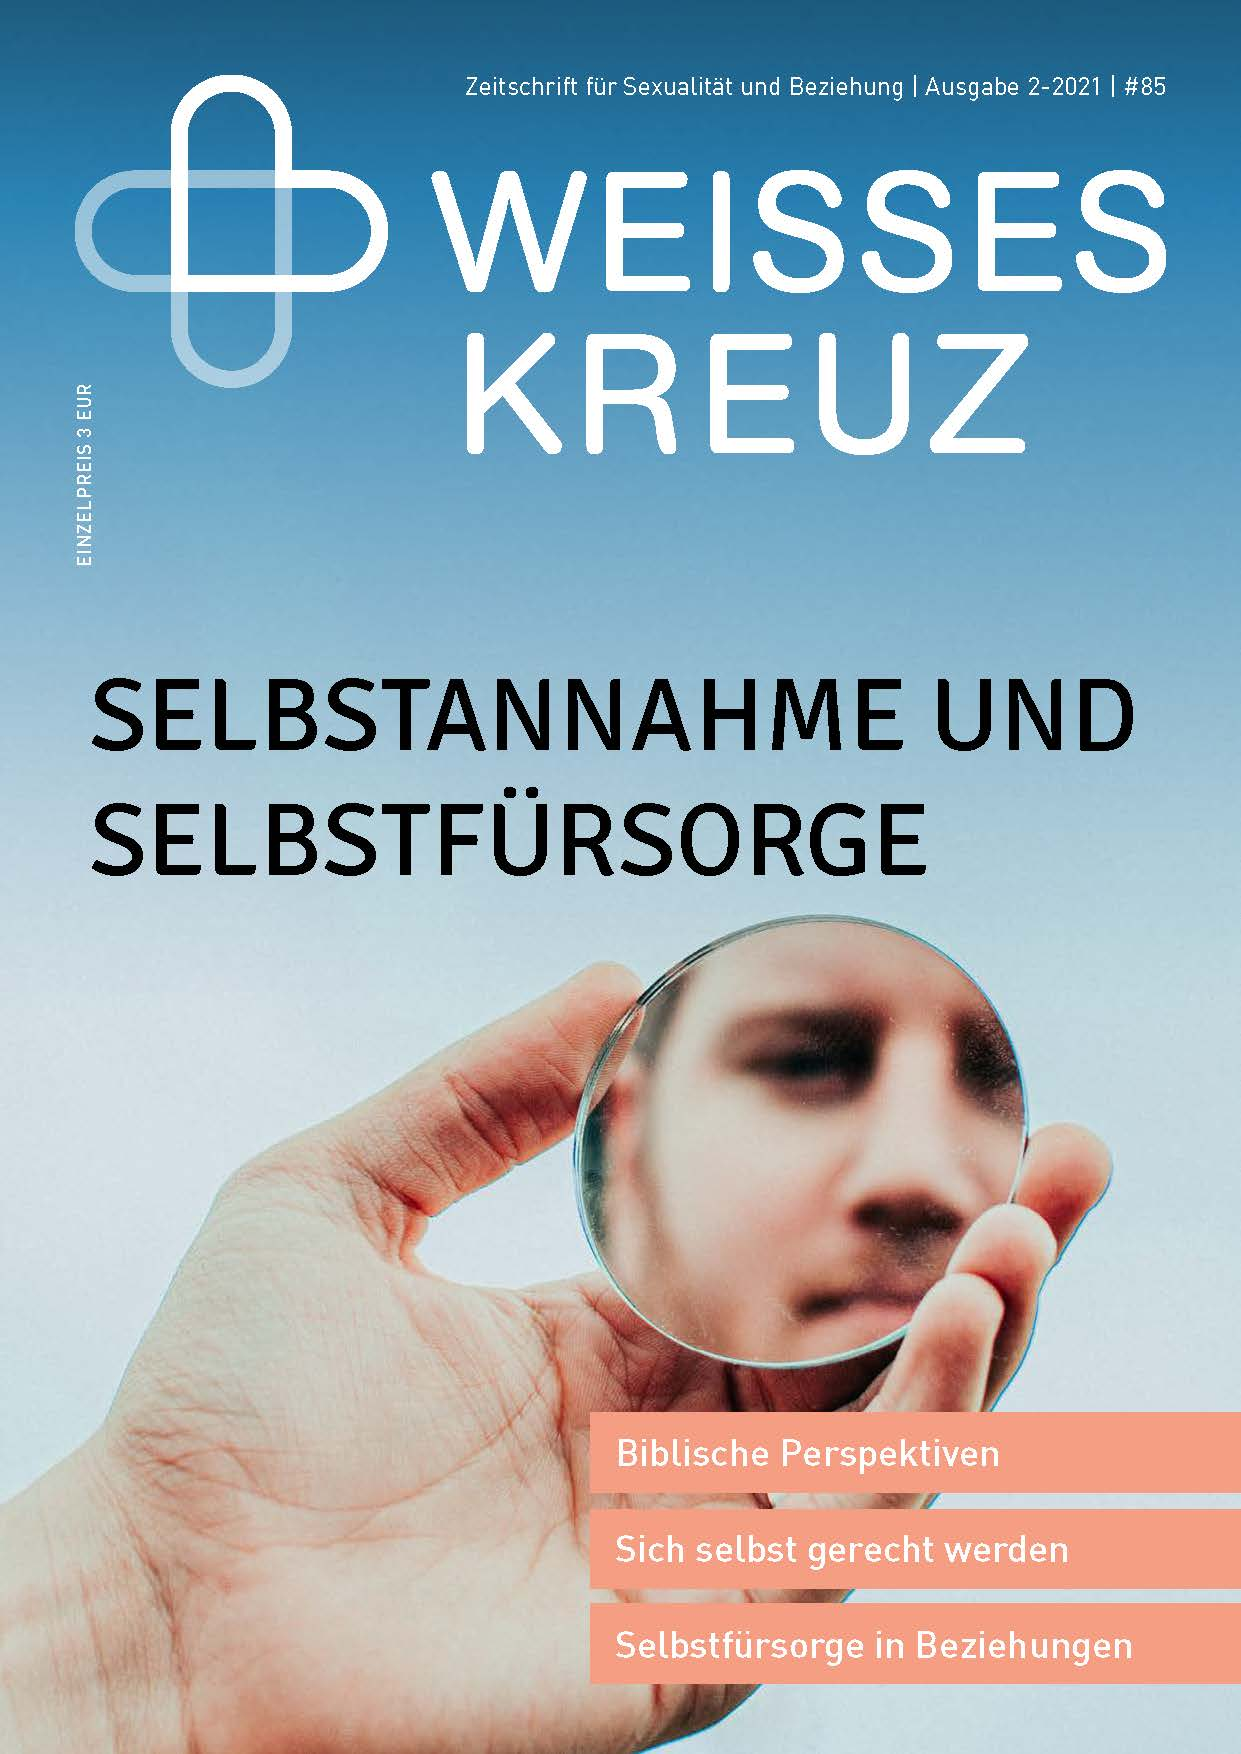 ZEITSCHRIFT - SELBSTANNAHME UND SELBSTFÜRSORGE - NR. 85